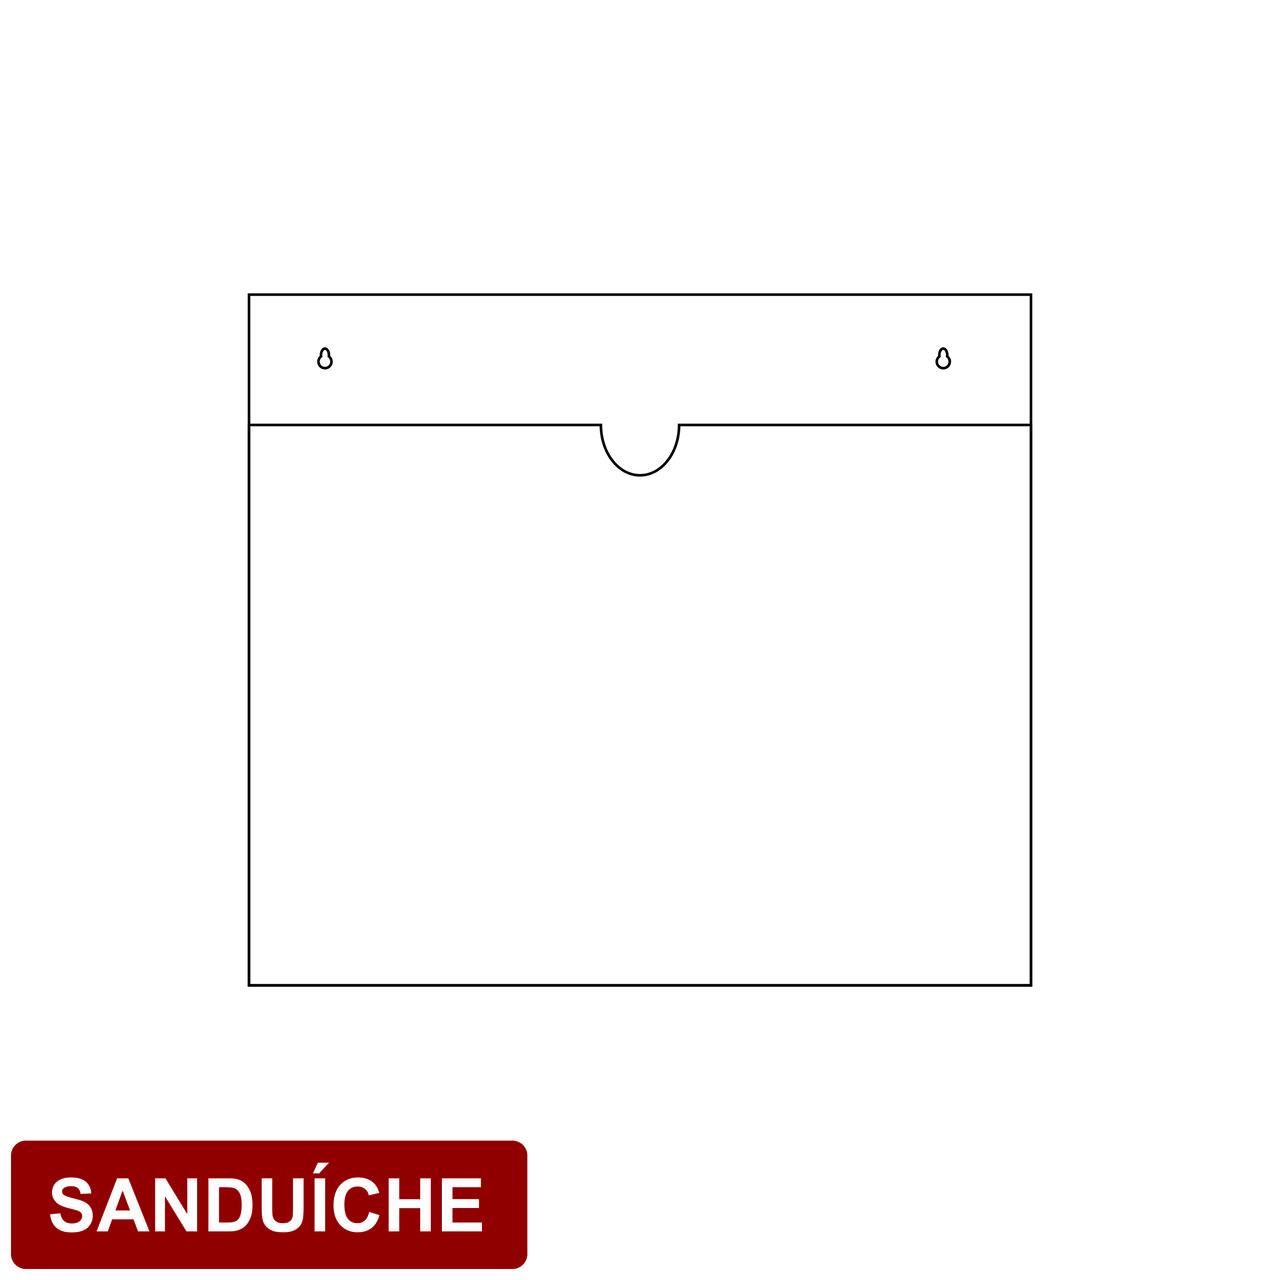 Porta folha em acrílico tipo sanduíche  - Towbar Sinalização de Segurança